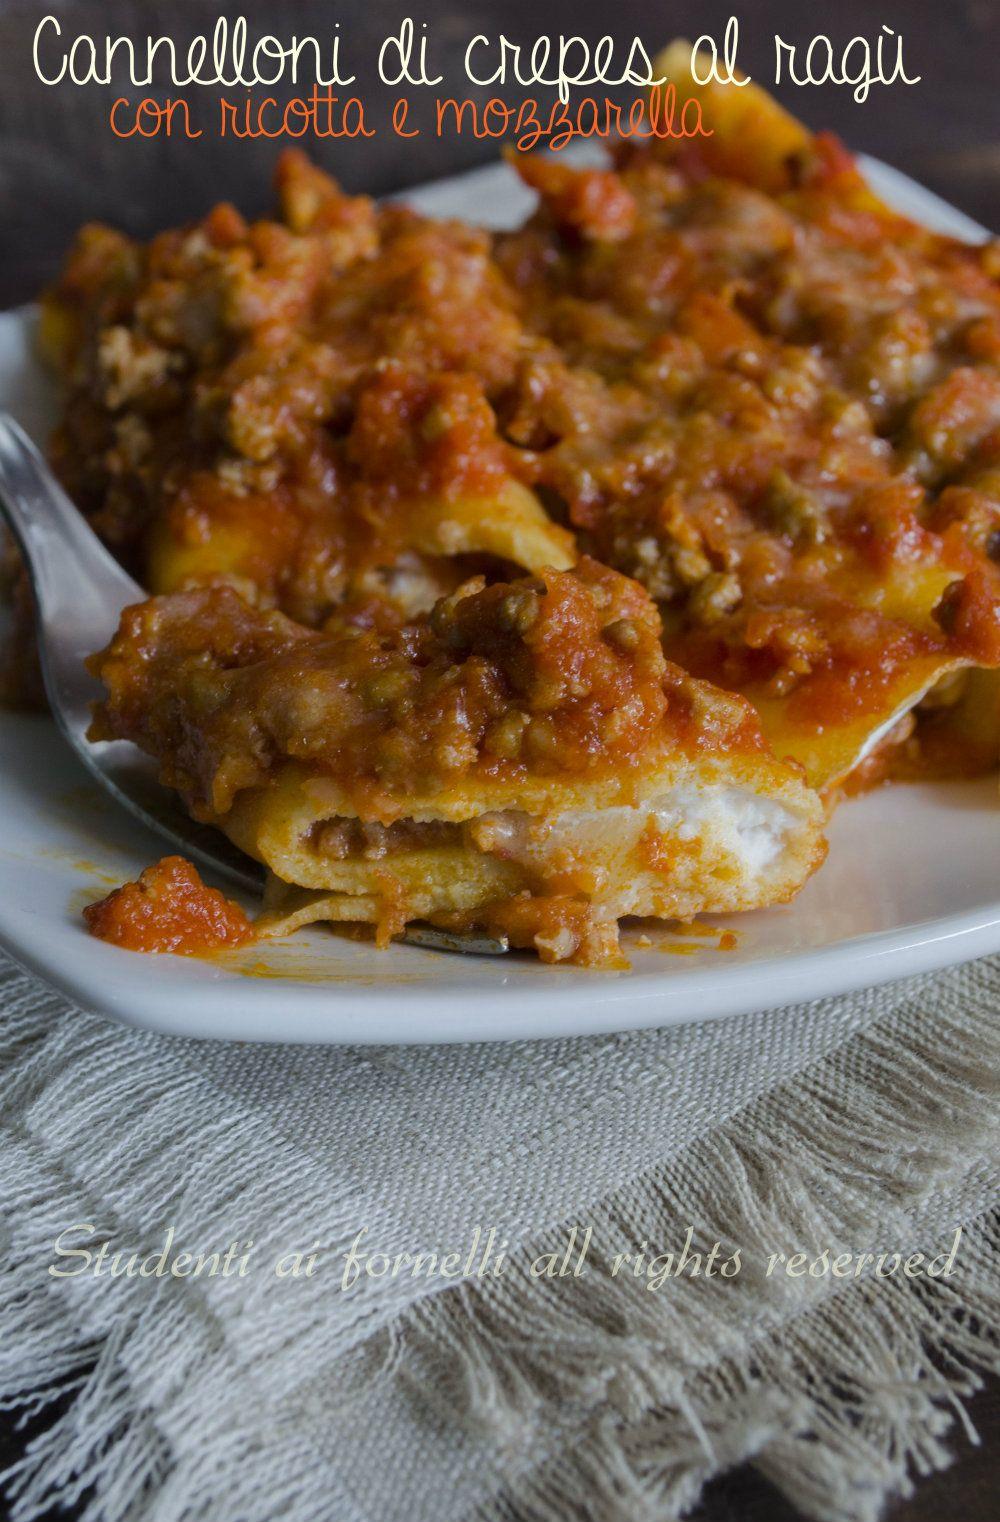 Cannelloni di crepes al rag con ricotta e mozzarella for Ricette italiane primi piatti